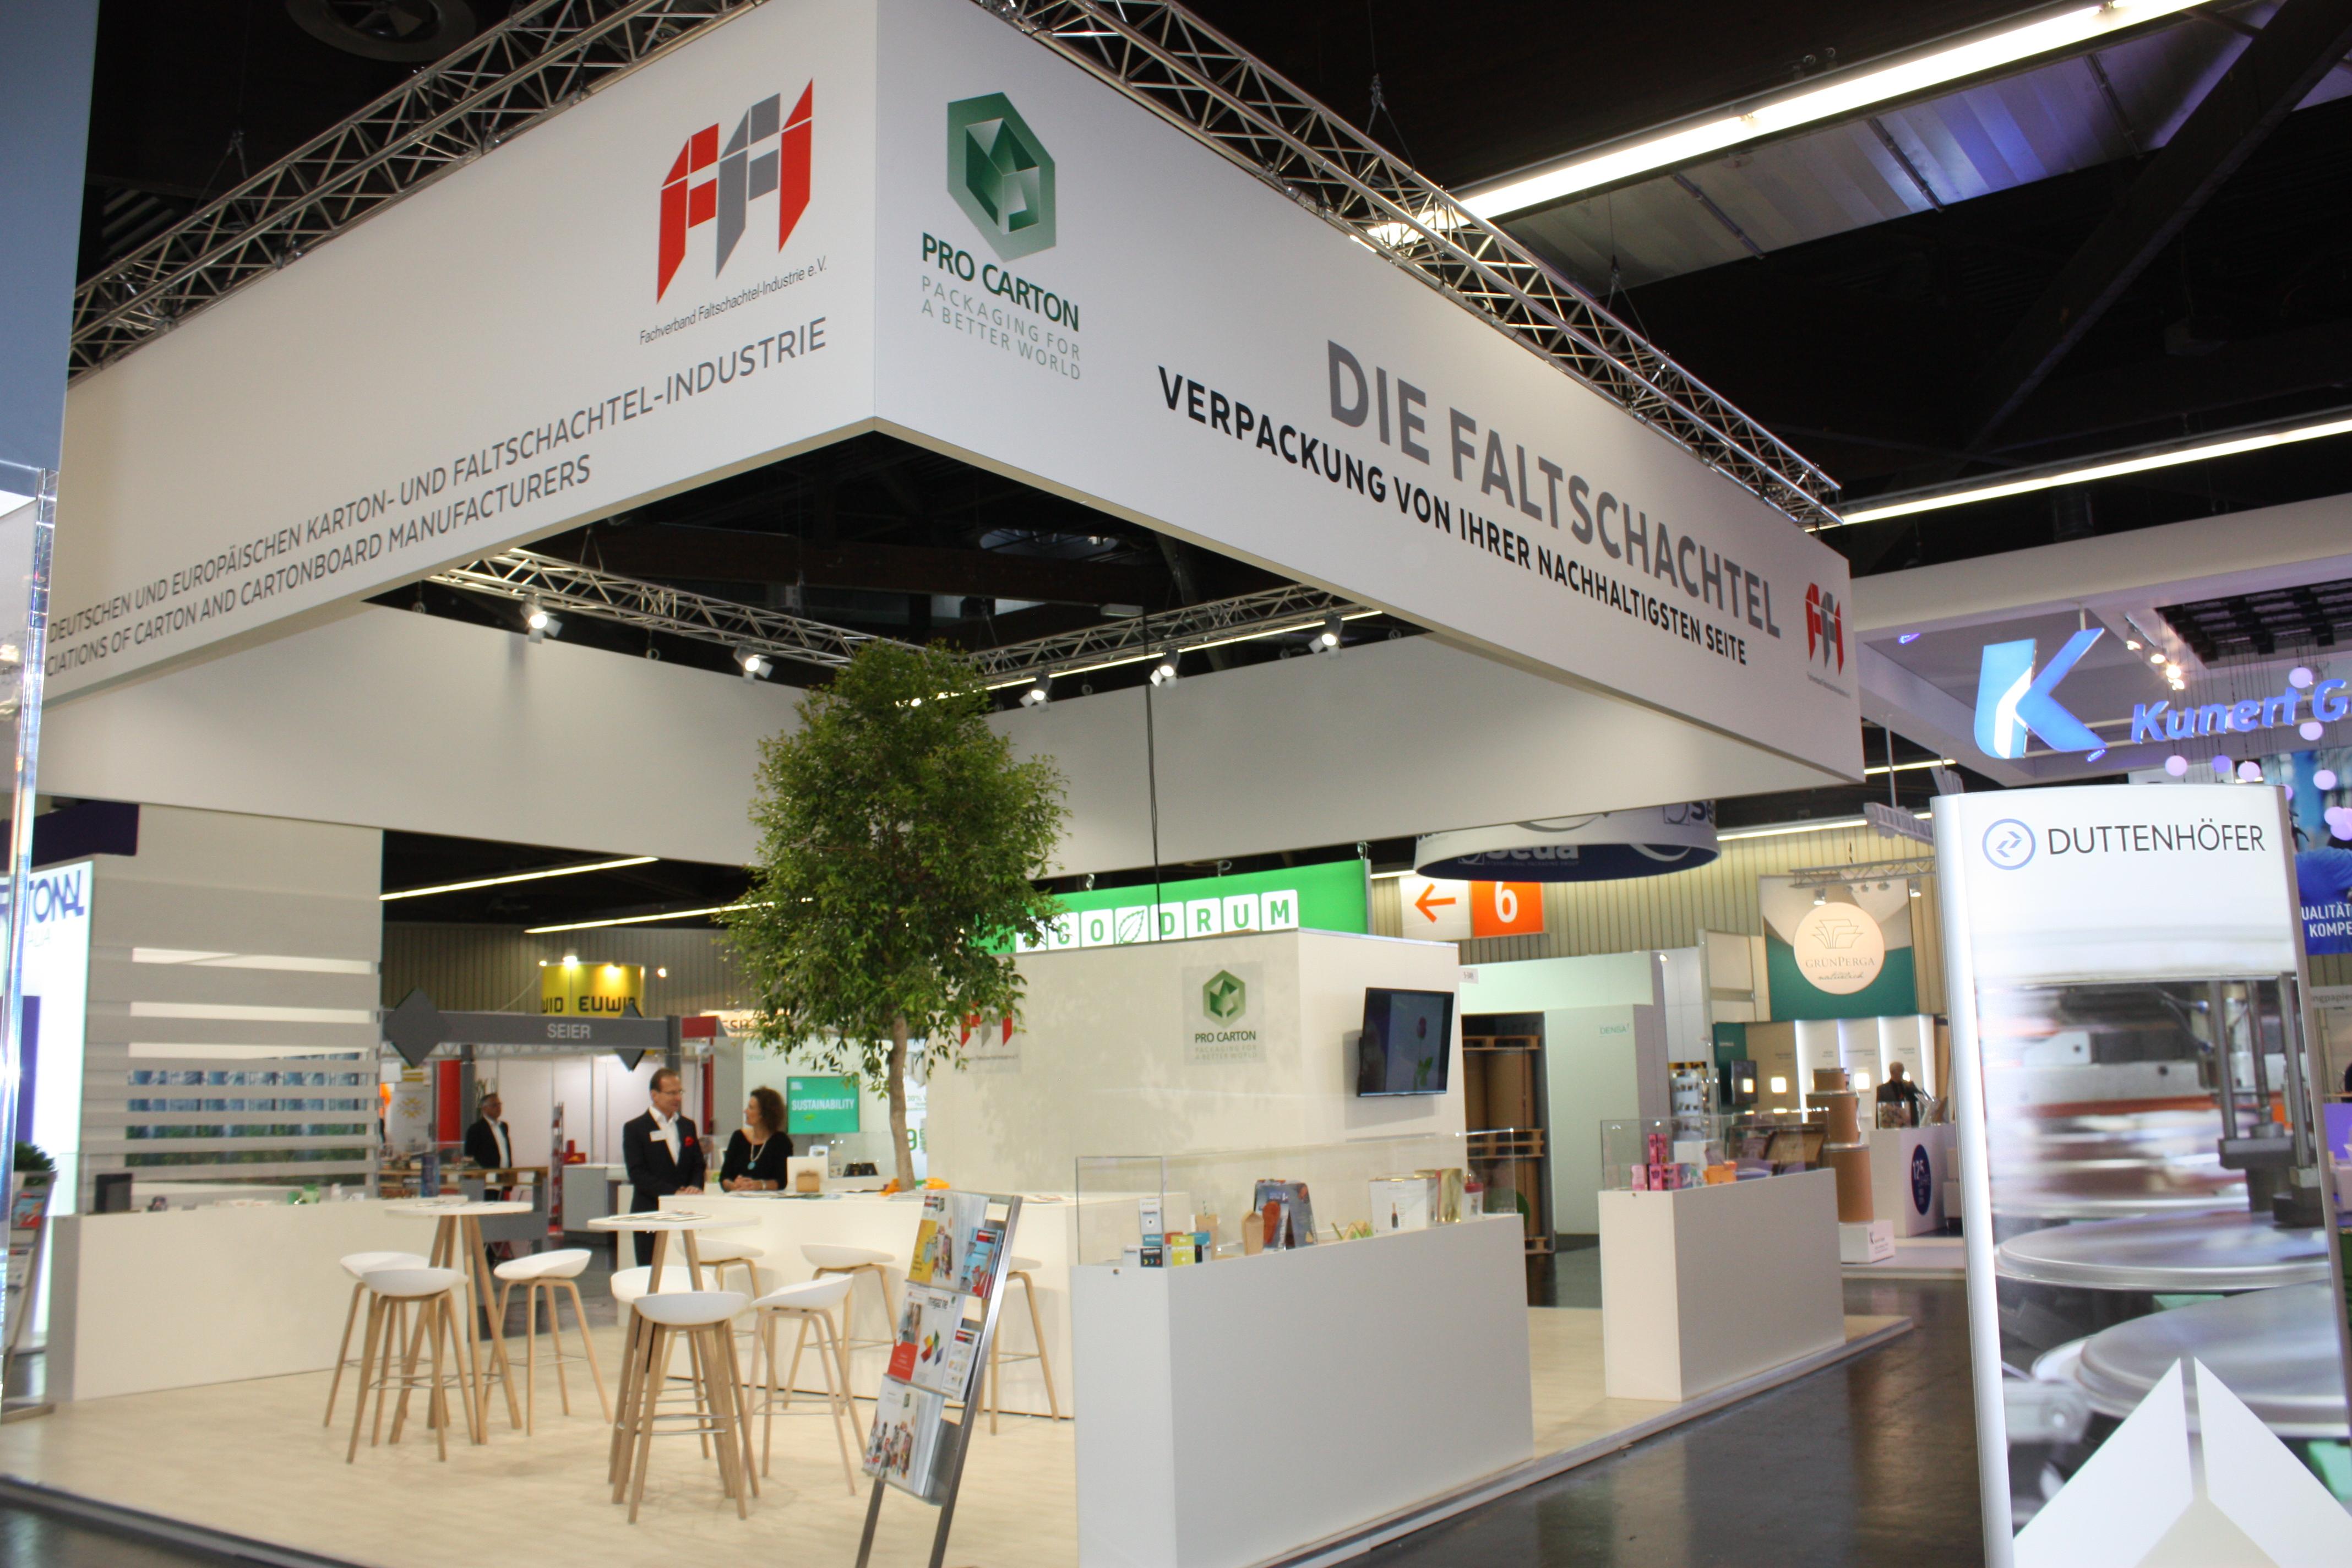 FFI und Pro Carton auf der FachPack 2019